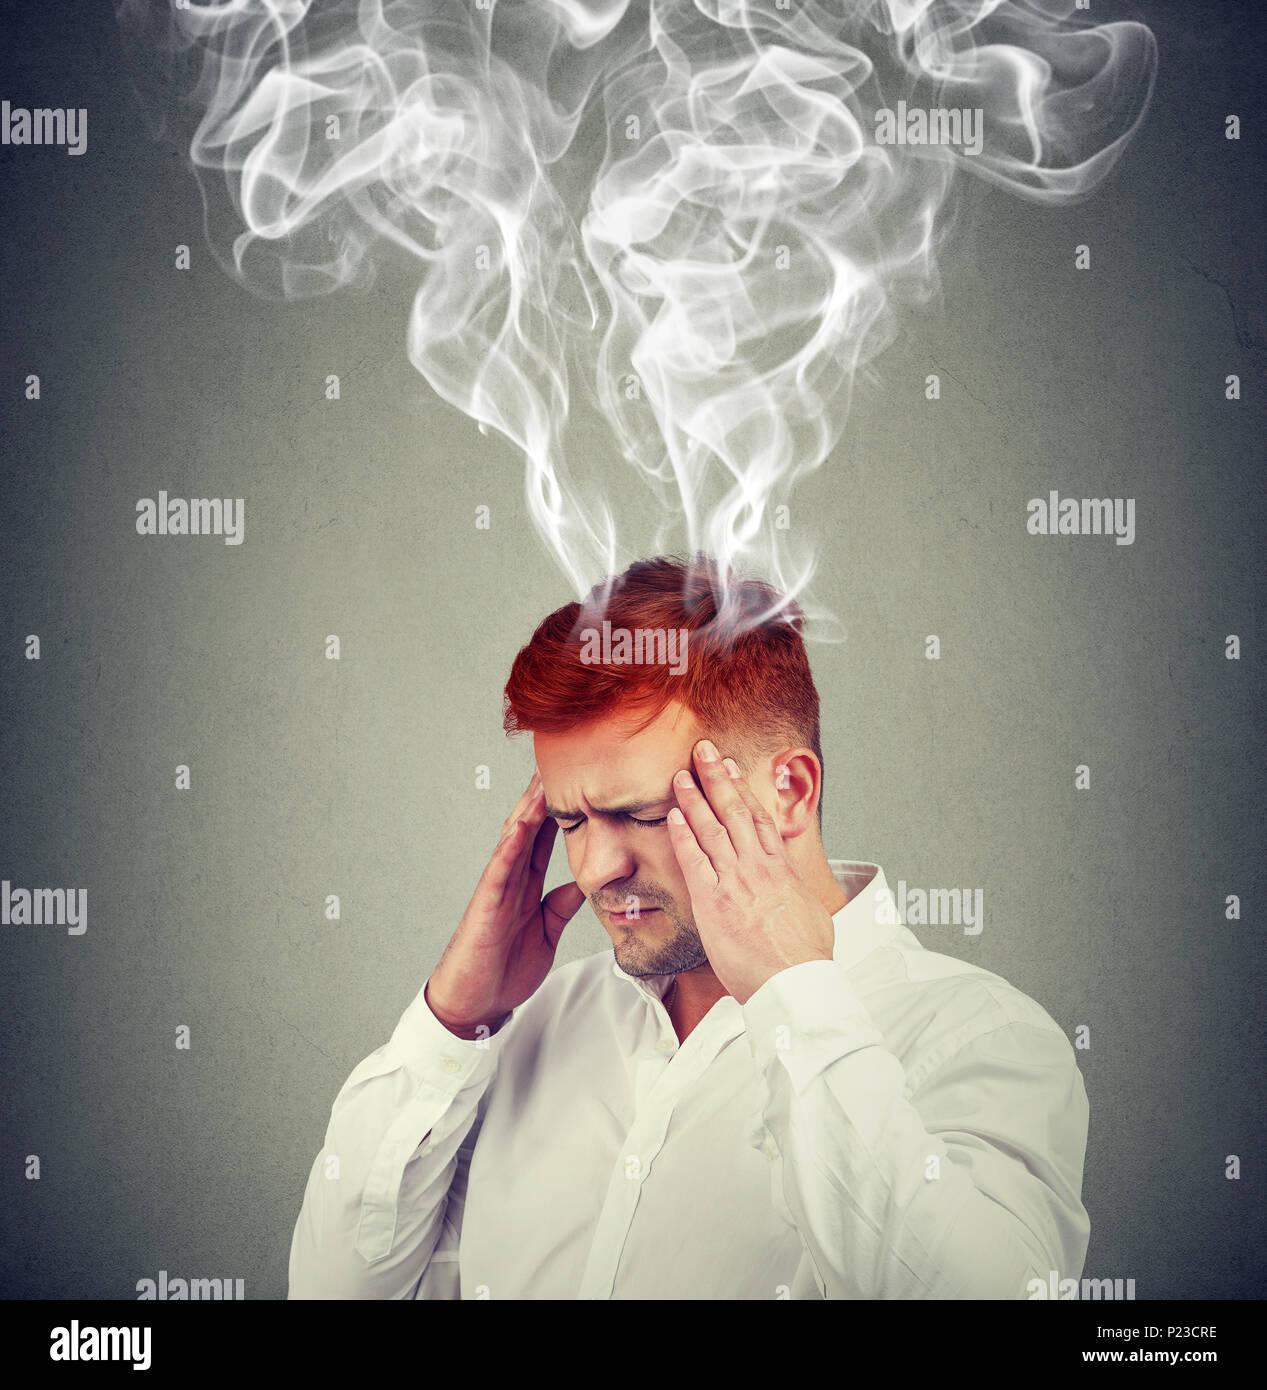 Inquadratura concettuale dell'uomo tenendo le mani sulle tempie e cercando frustrati con fumo che esce fuori di testa. Foto Stock